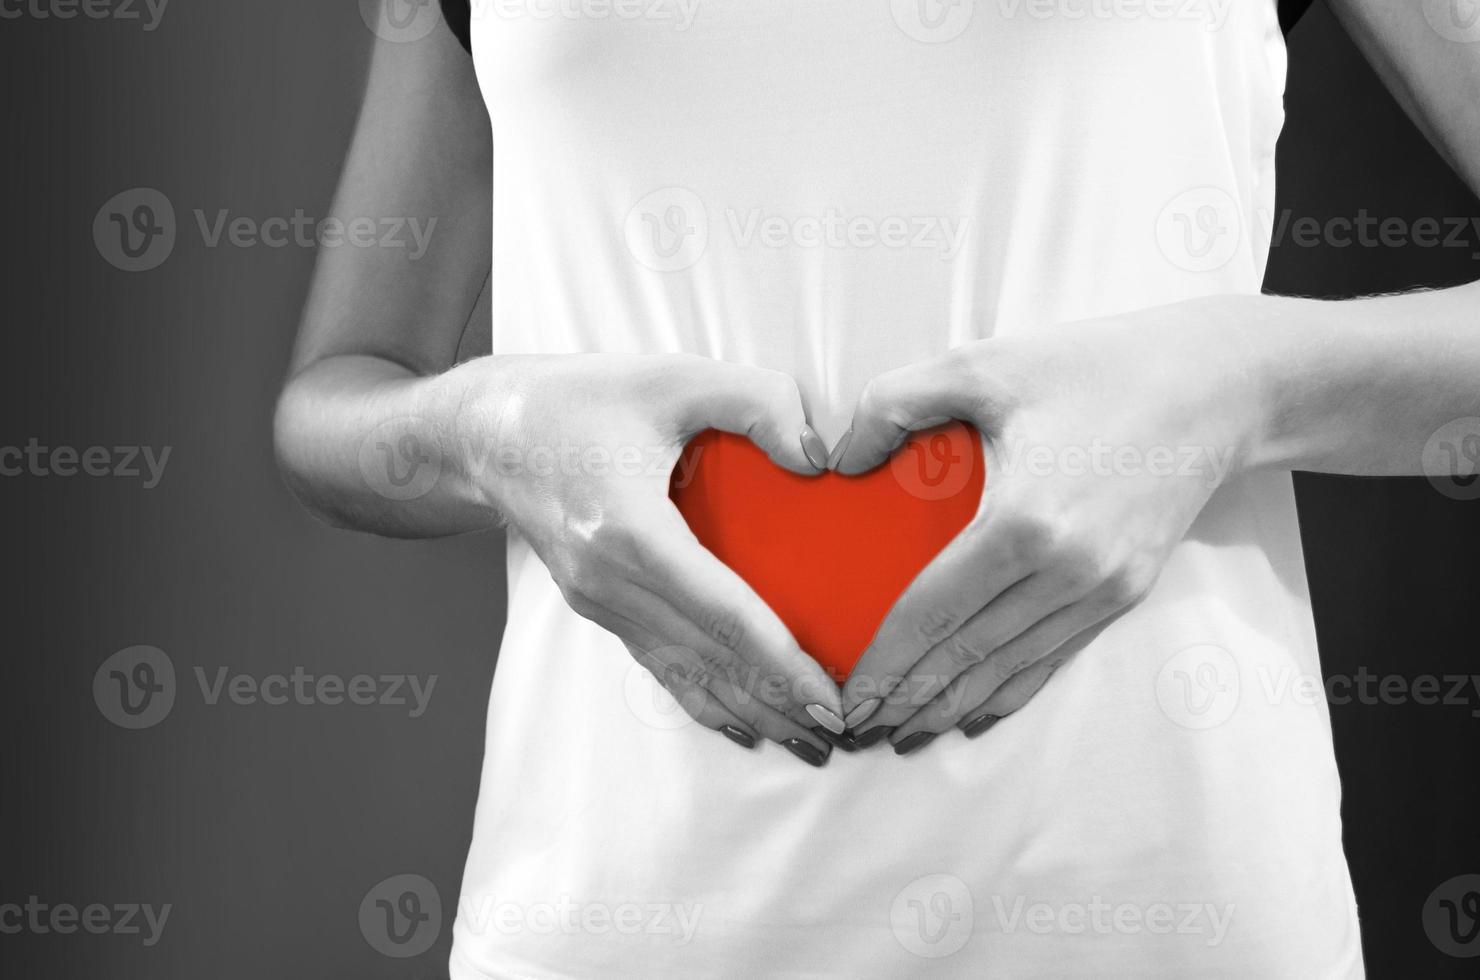 vård av hälsa. tarmens hälsa, mage. foto